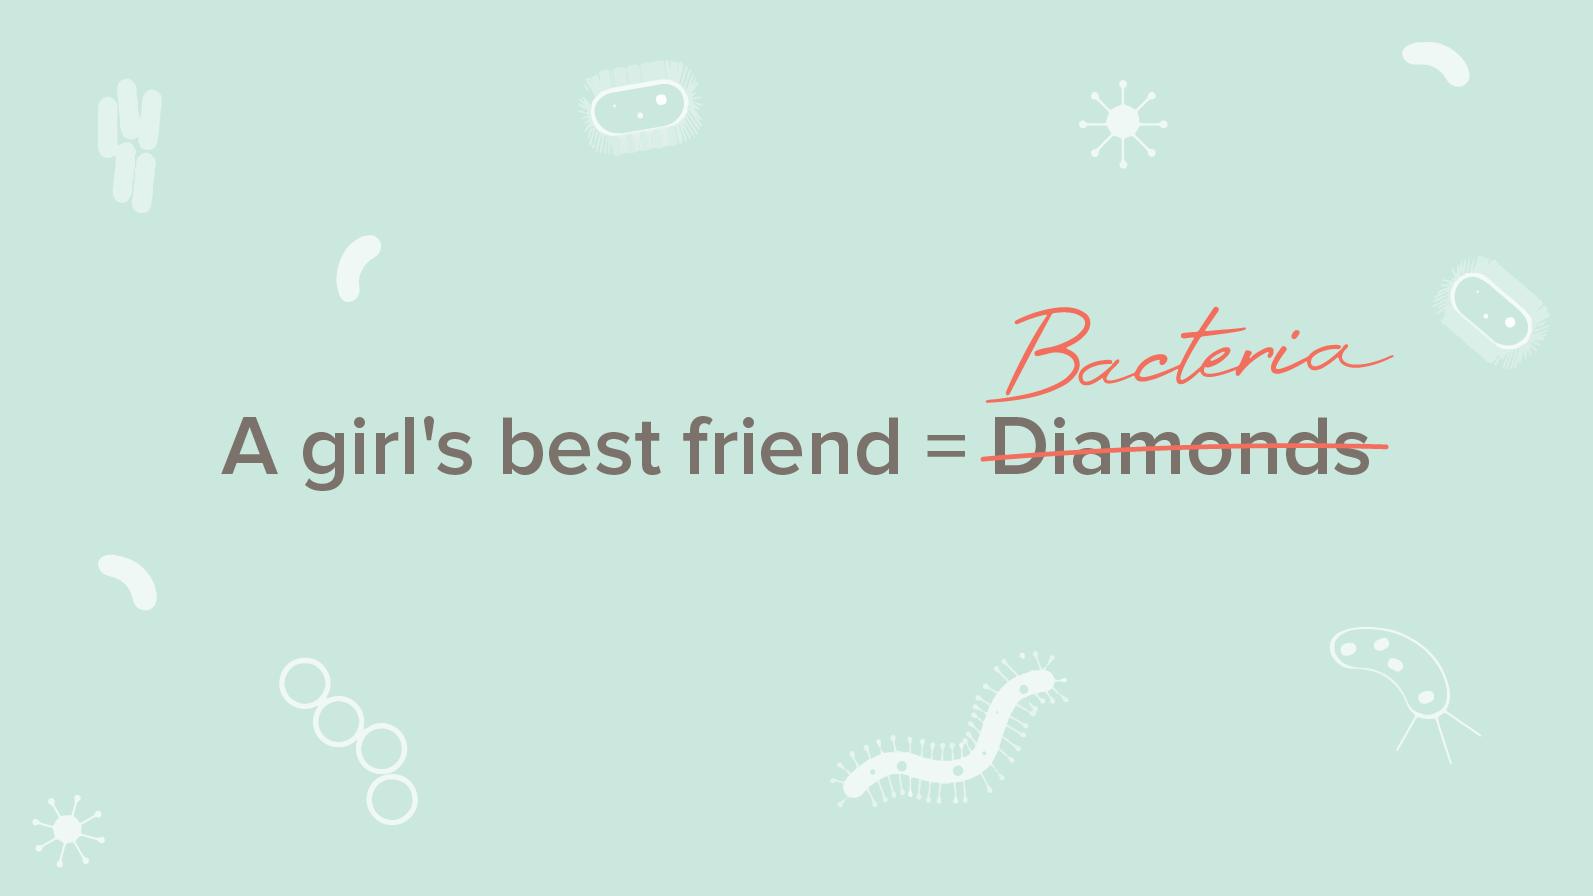 Who is a woman's best friend?